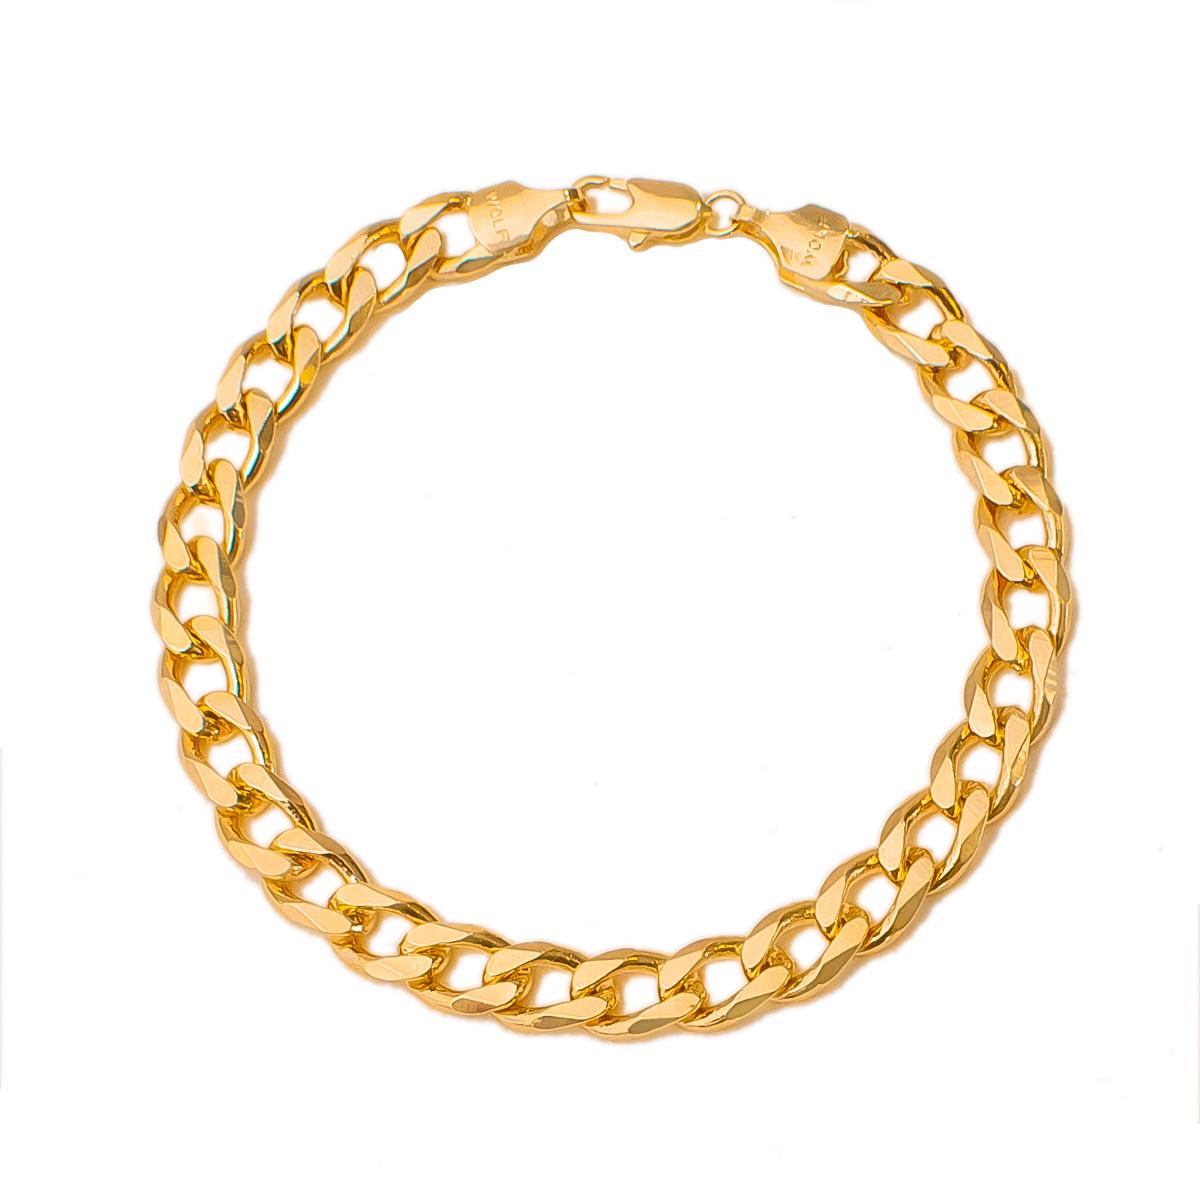 Pulseira Masculina Elo Cadeado 22 cm Folheado Em Ouro